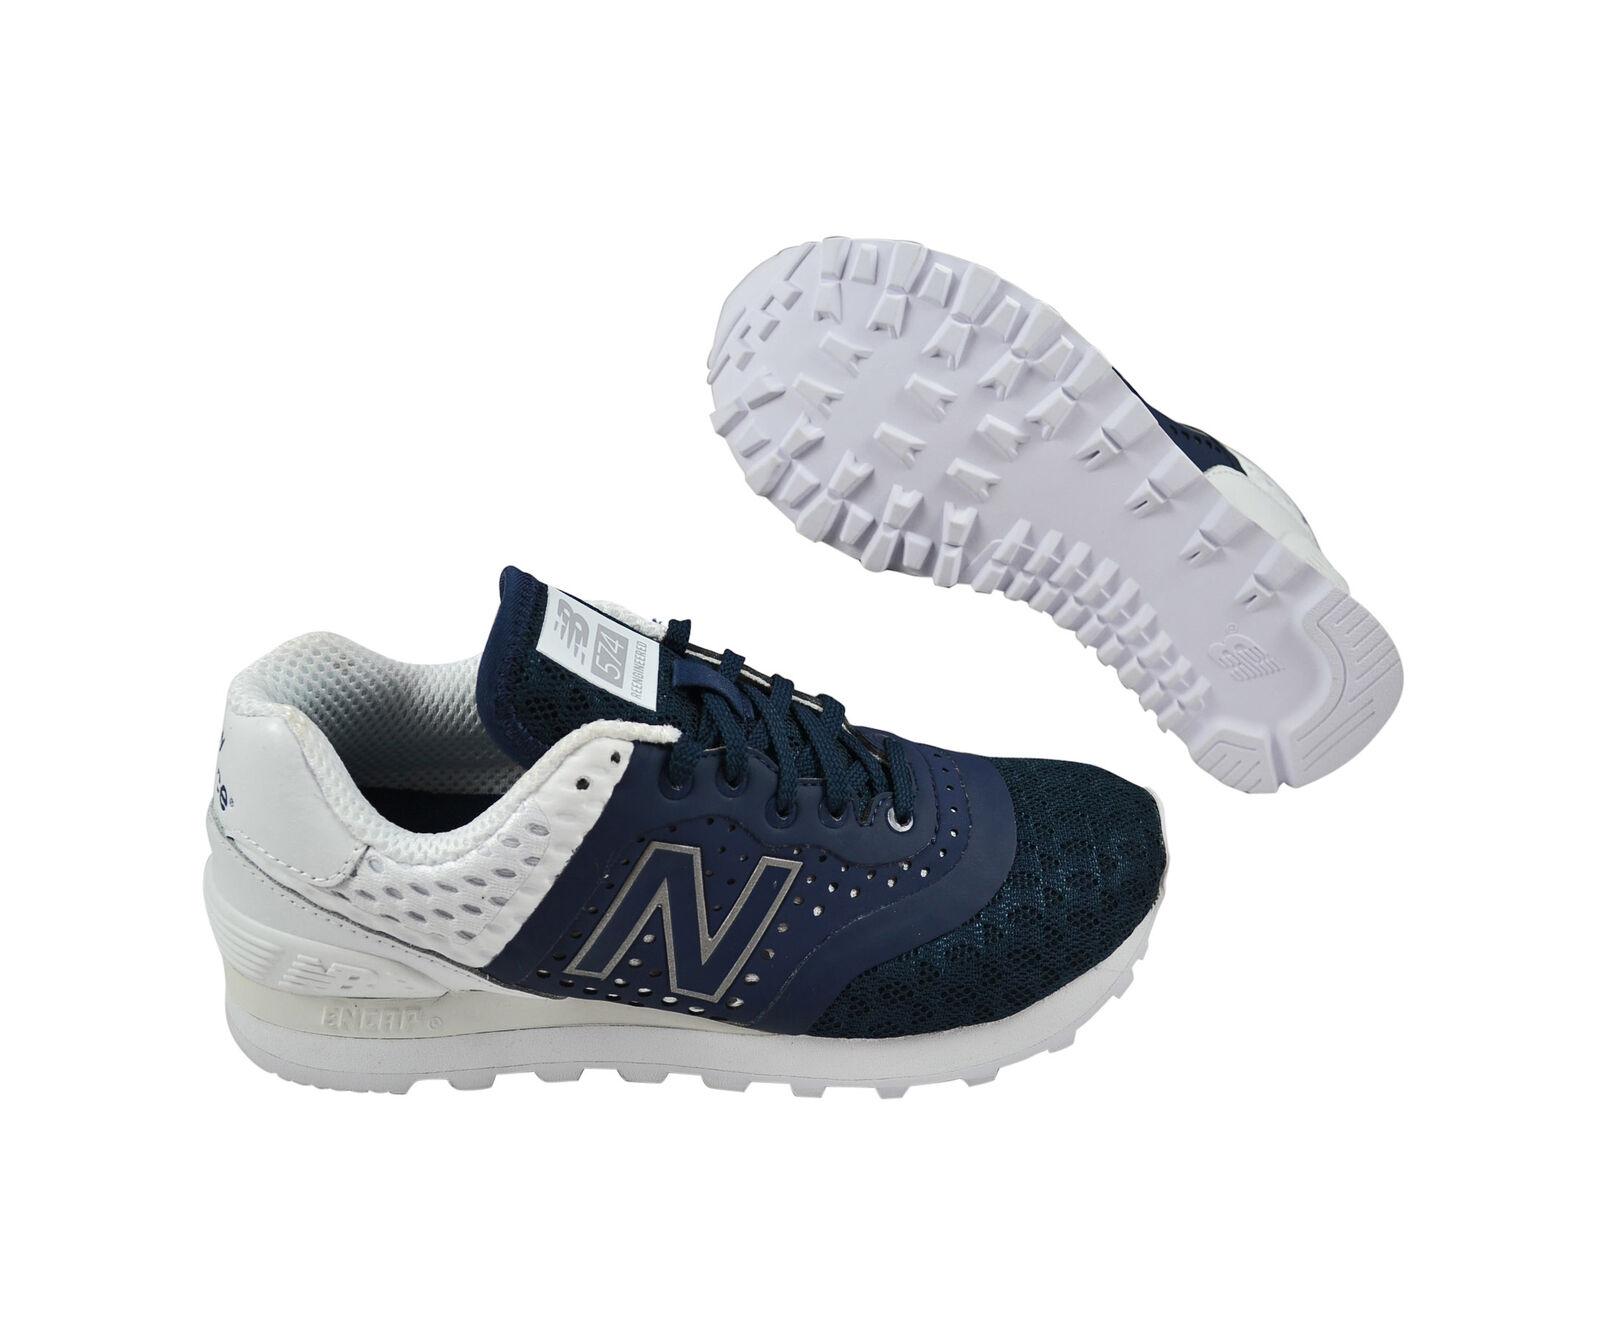 New Balance MTL574 MN grau Weiß Schuhe Schuhe Schuhe Turnschuhe Größenauswahl 13030b